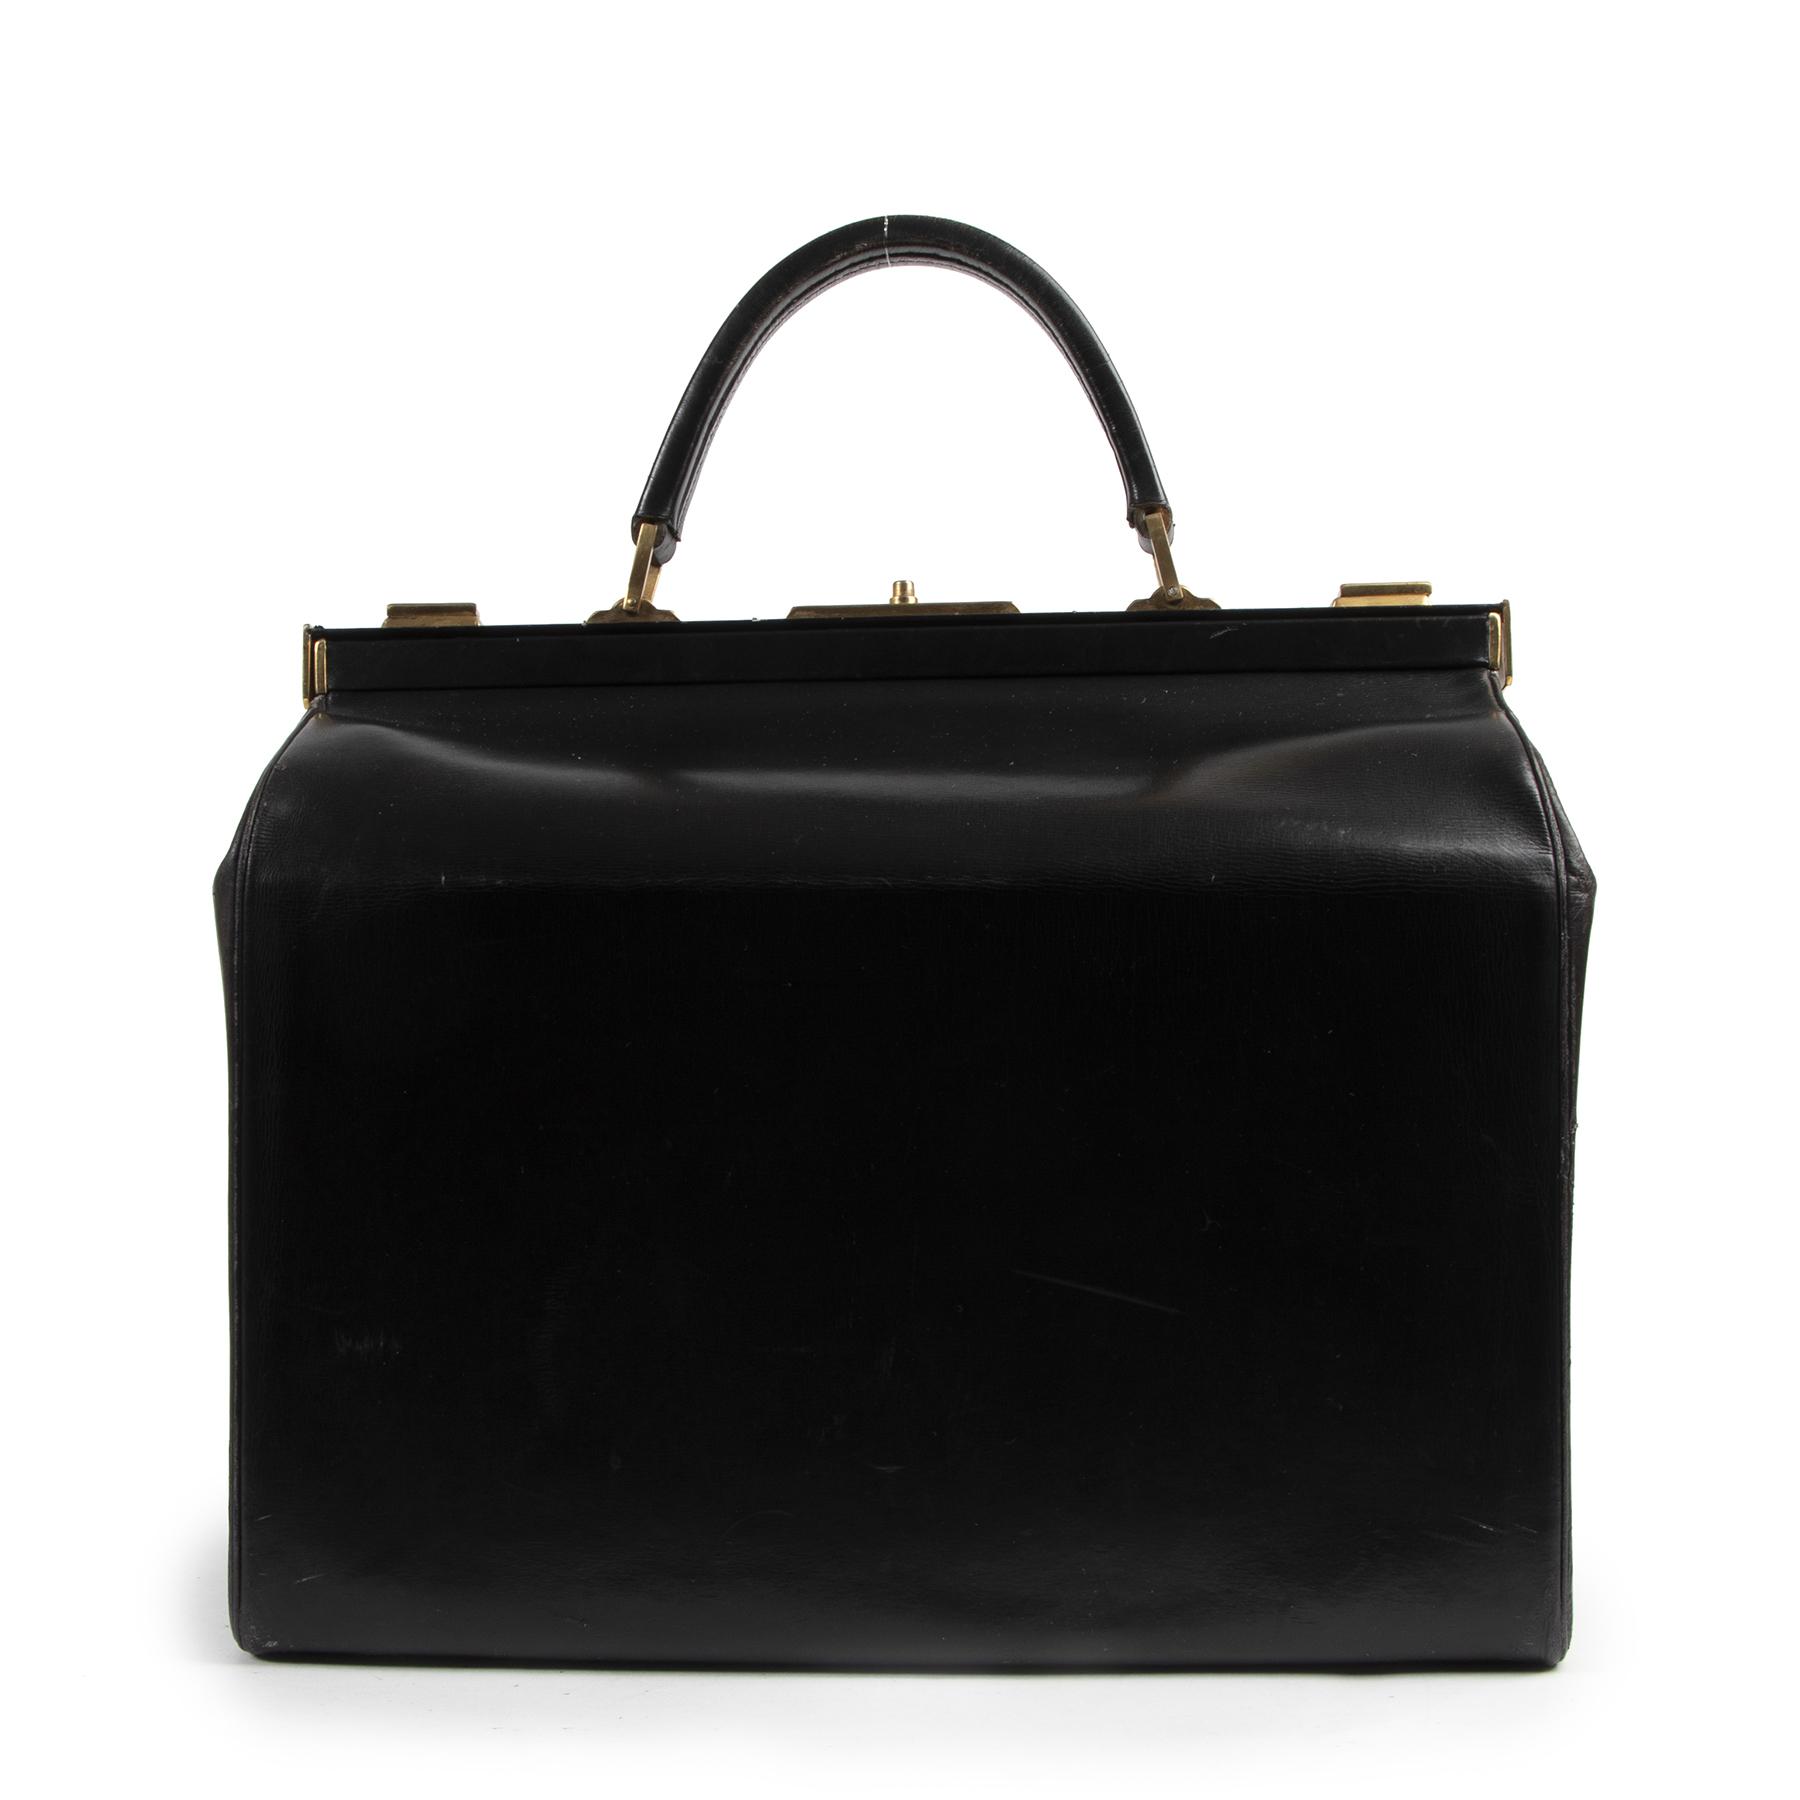 Authentieke Tweedehands Delvaux Black Leather Vintage Doctor Bag juiste prijs veilig online shoppen luxe merken webshop winkelen Antwerpen België mode fashion